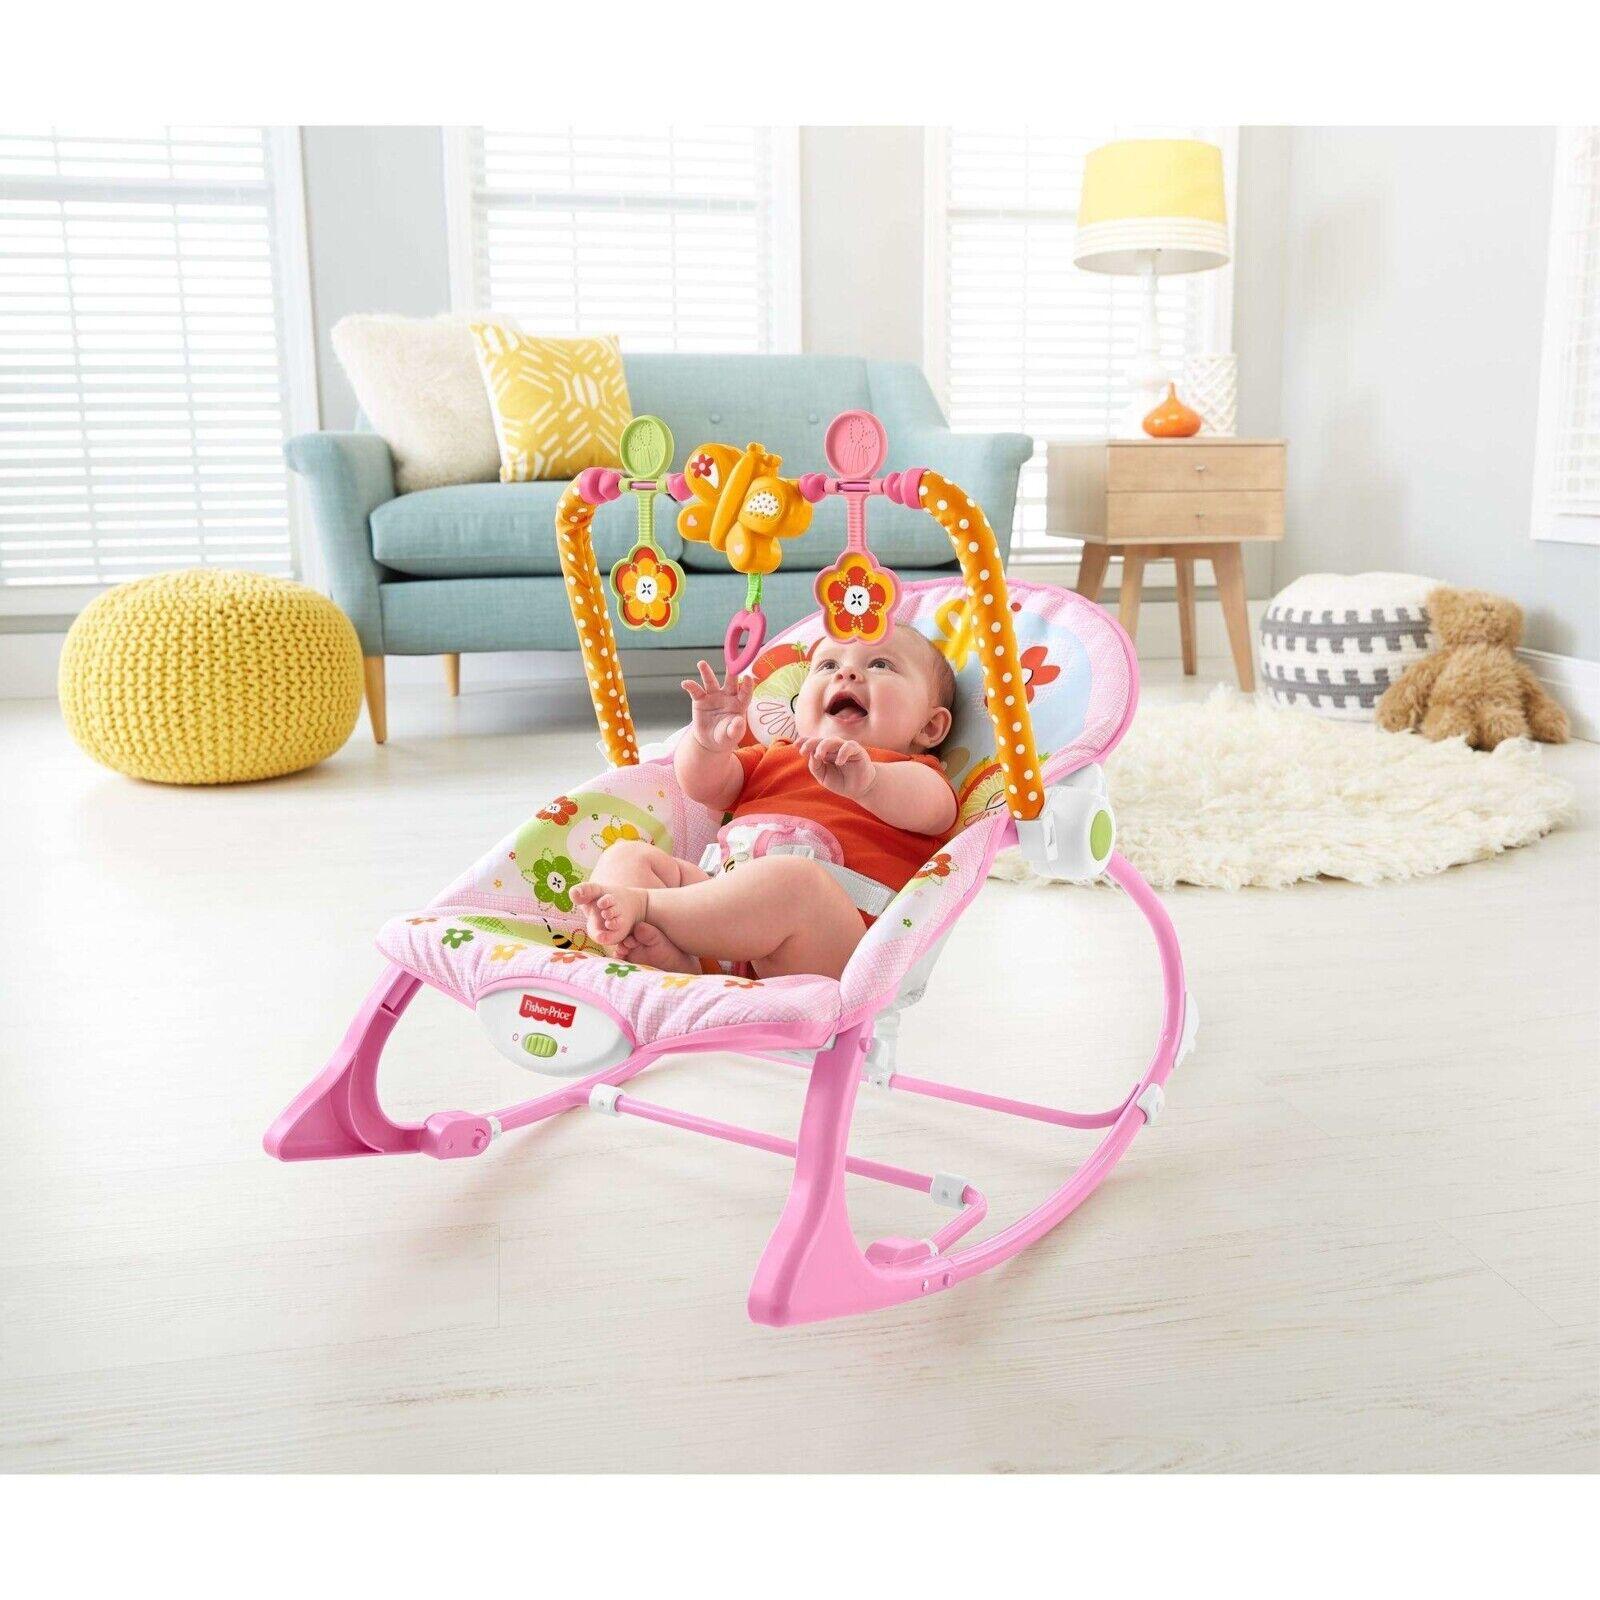 Fisher-Price Infant-to-Toddler Rocker, Dark Safari - Easy Co